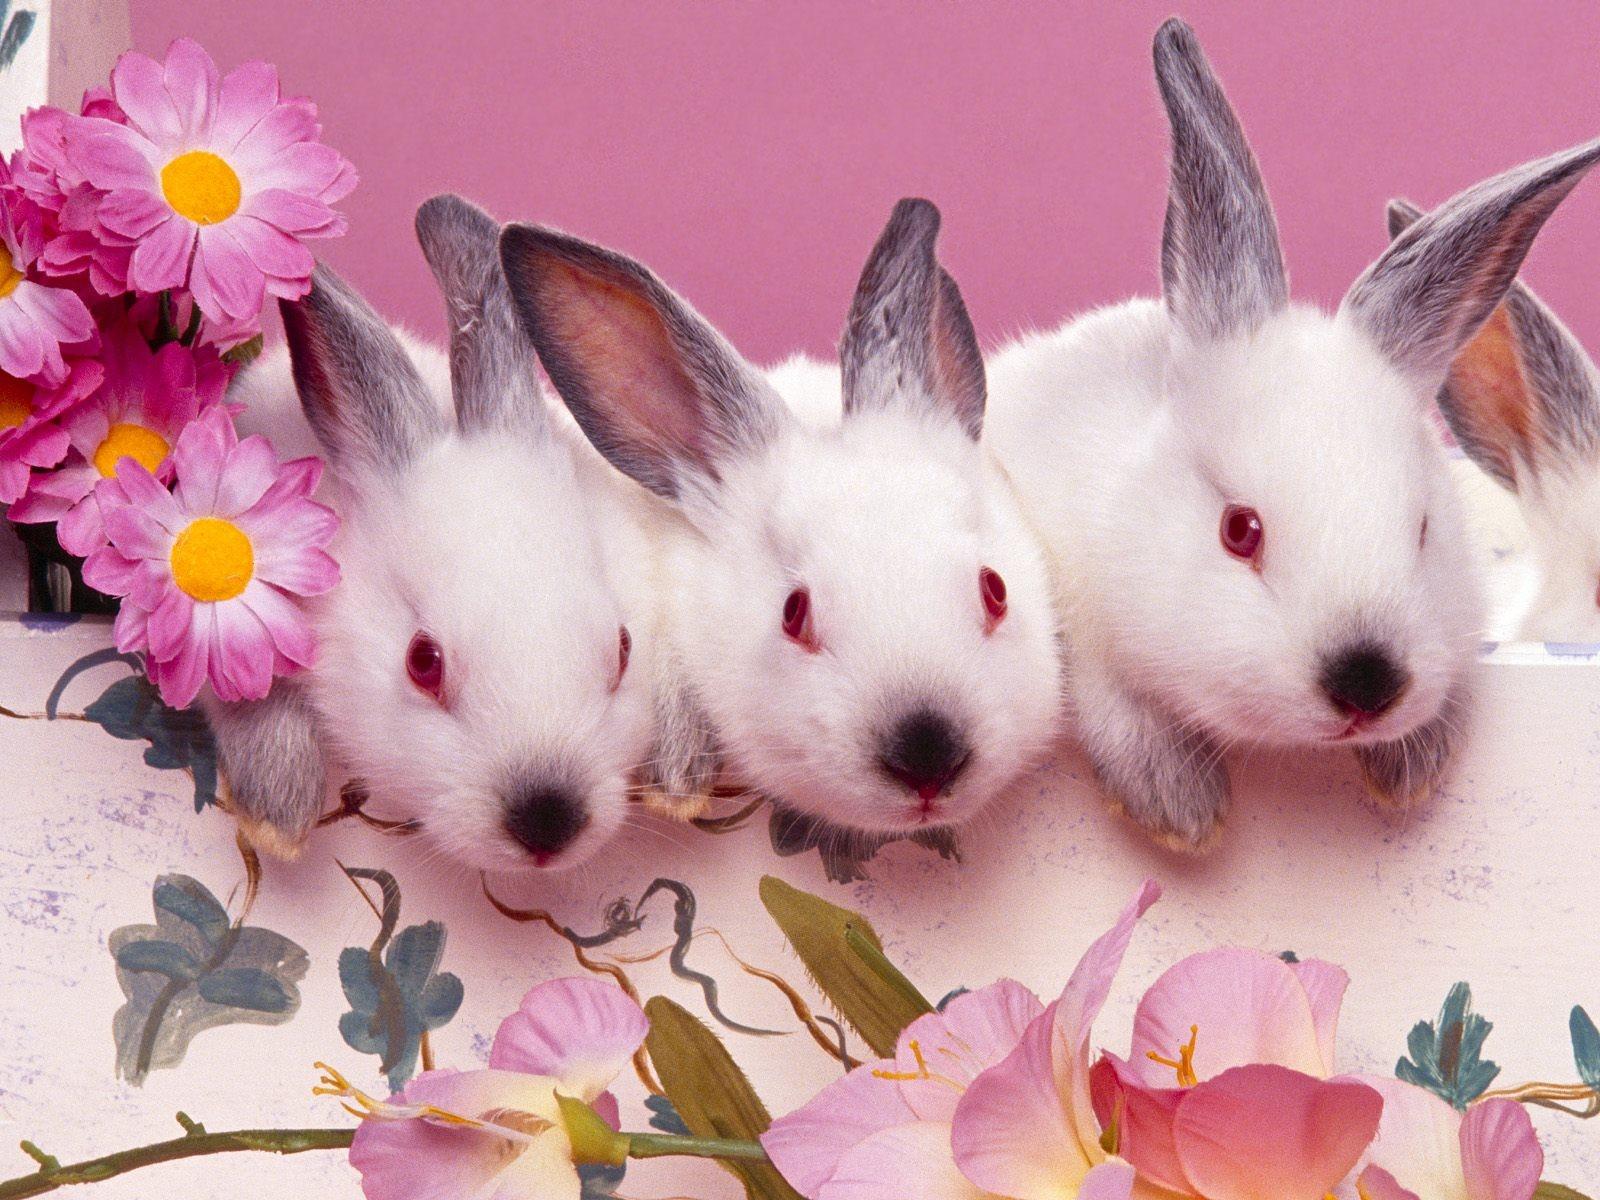 游戏:三只小兔子。 1、现场布置游戏场景,把四个衣服图标分别放在教室的四个地方。 2、教师简述故事情节,配班教师扮演大灰狼,幼儿扮演小兔子。 配班教师讲到春天时,小兔子要躲到绿色衣服图标后面,大灰狼就找不到了,如果没躲起来就要抓住,以次类推直到故事结束,游戏也就结束。 附故事: 三只小兔 森林里有一座小房子,里面住着三只小兔,看见小兔大灰狼馋得流口水,他说:我要把小兔全吃掉! 春天,山坡绿了,树叶绿了,三只小兔穿上了绿衣服。大灰狼找不到小兔。 夏天,山坡上开满了花,树上开满了花,三只小兔穿上了